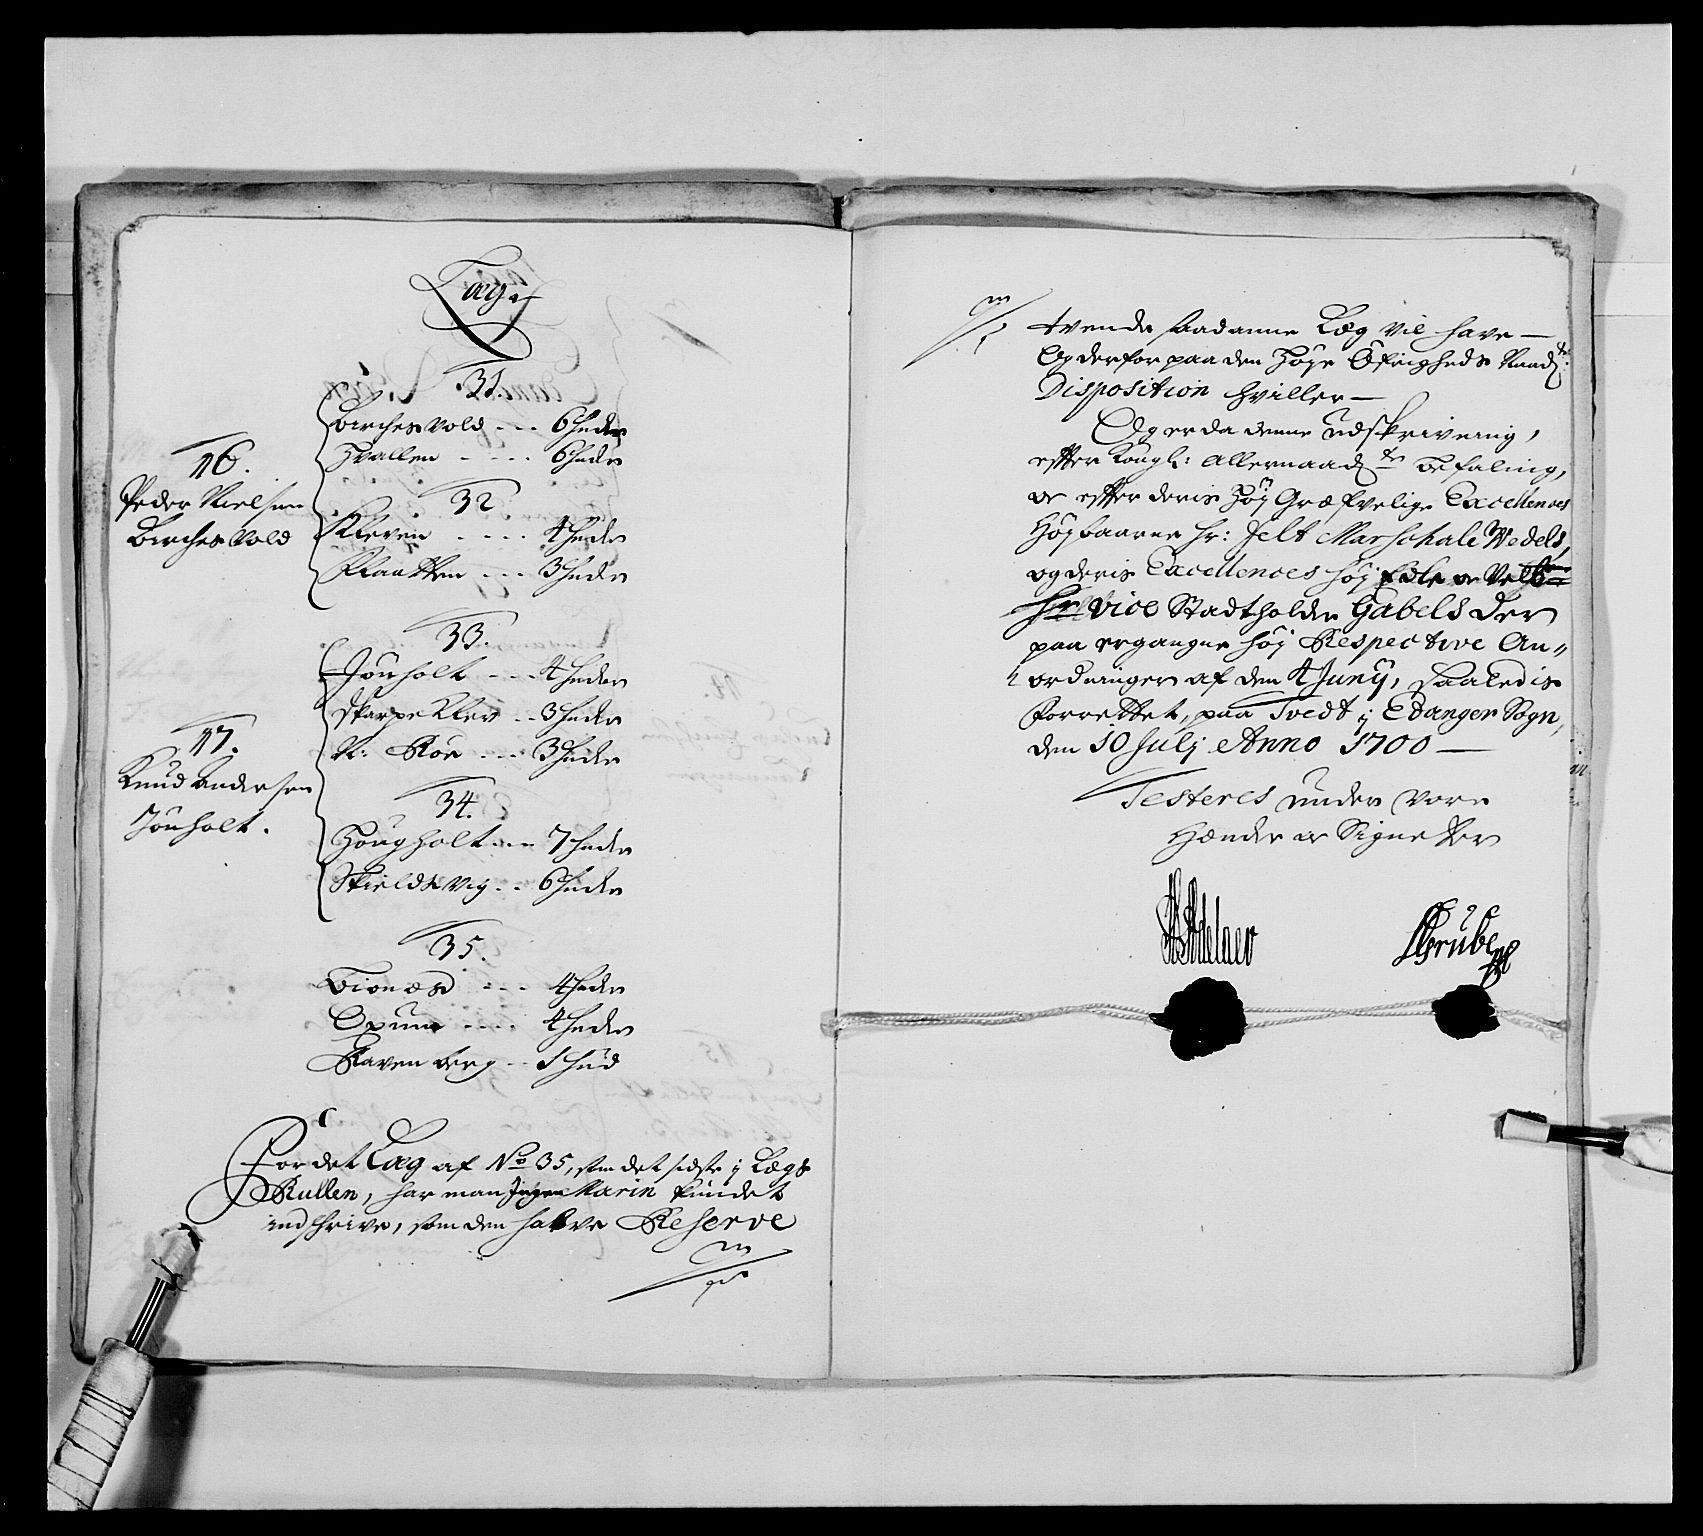 RA, Kommanderende general (KG I) med Det norske krigsdirektorium, E/Ea/L0473: Marineregimentet, 1664-1700, s. 300